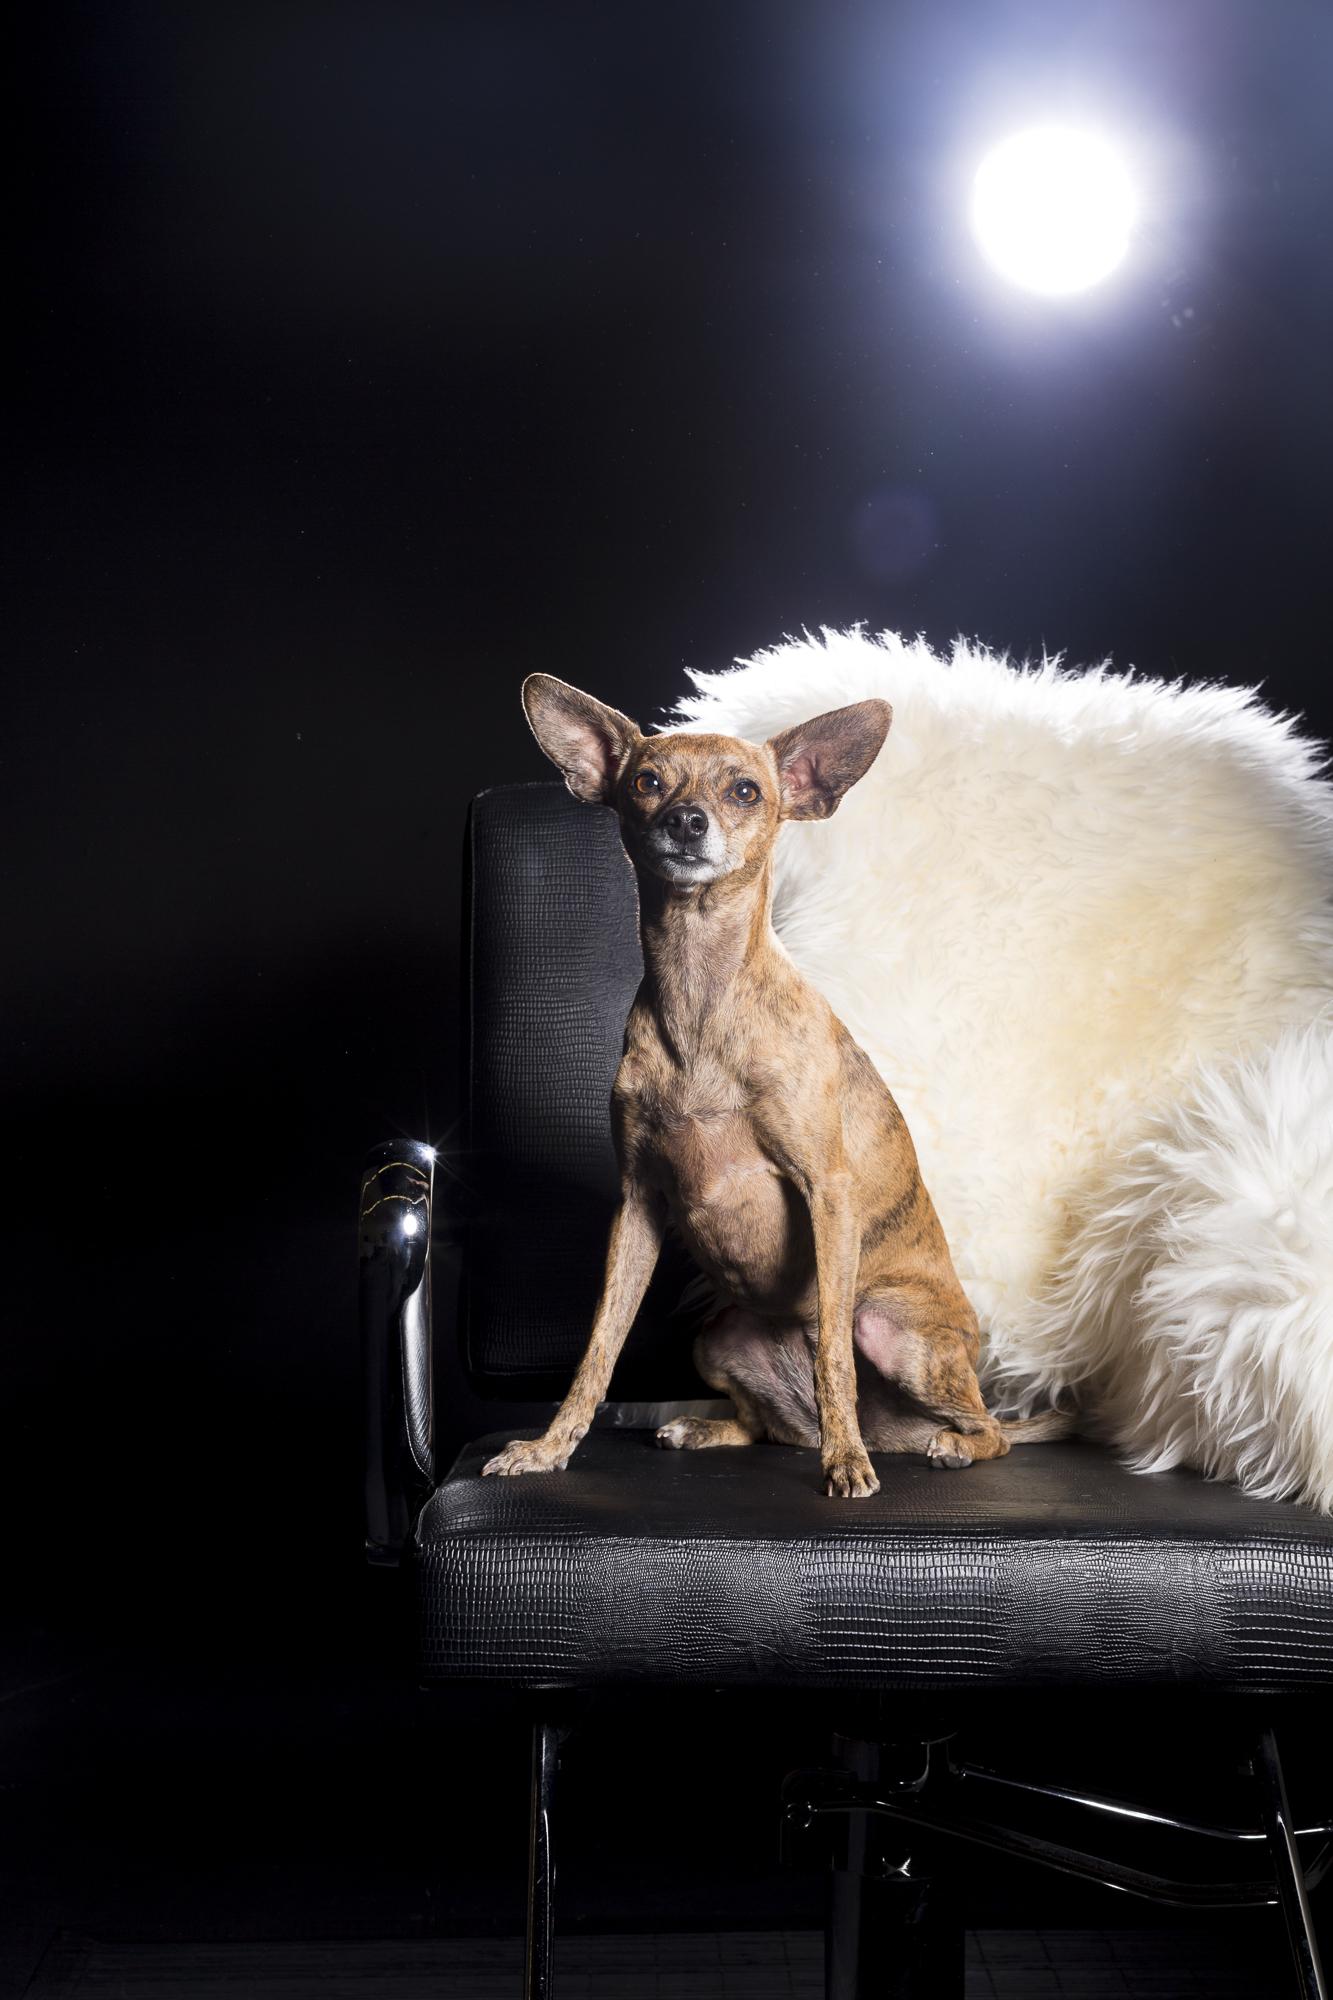 Bebe_chihuahua_dog_portraits-2631.jpg